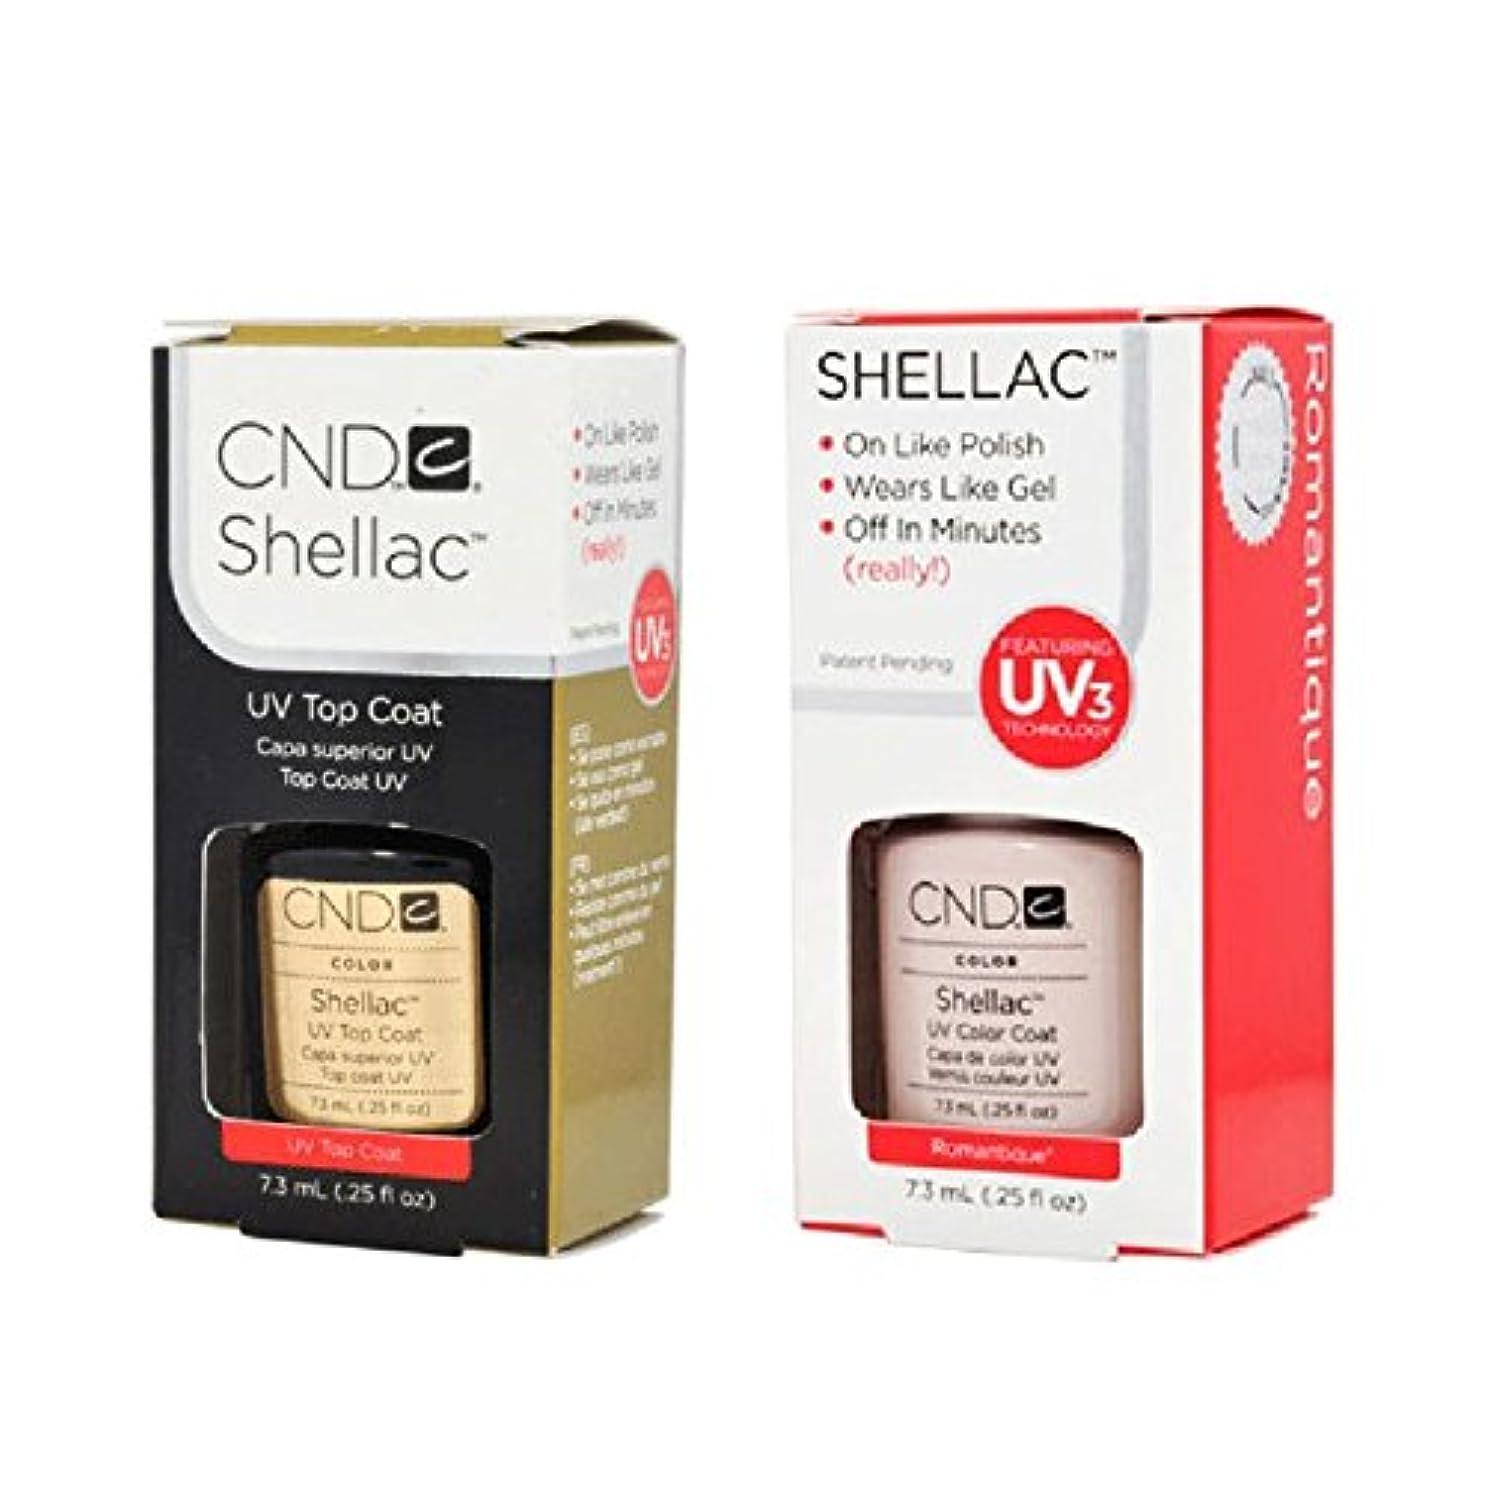 先のことを考えるフォロー乳剤CND Shellac UVトップコート 7.3m l  &  UV カラーコー< Romantique>7.3ml [海外直送品]